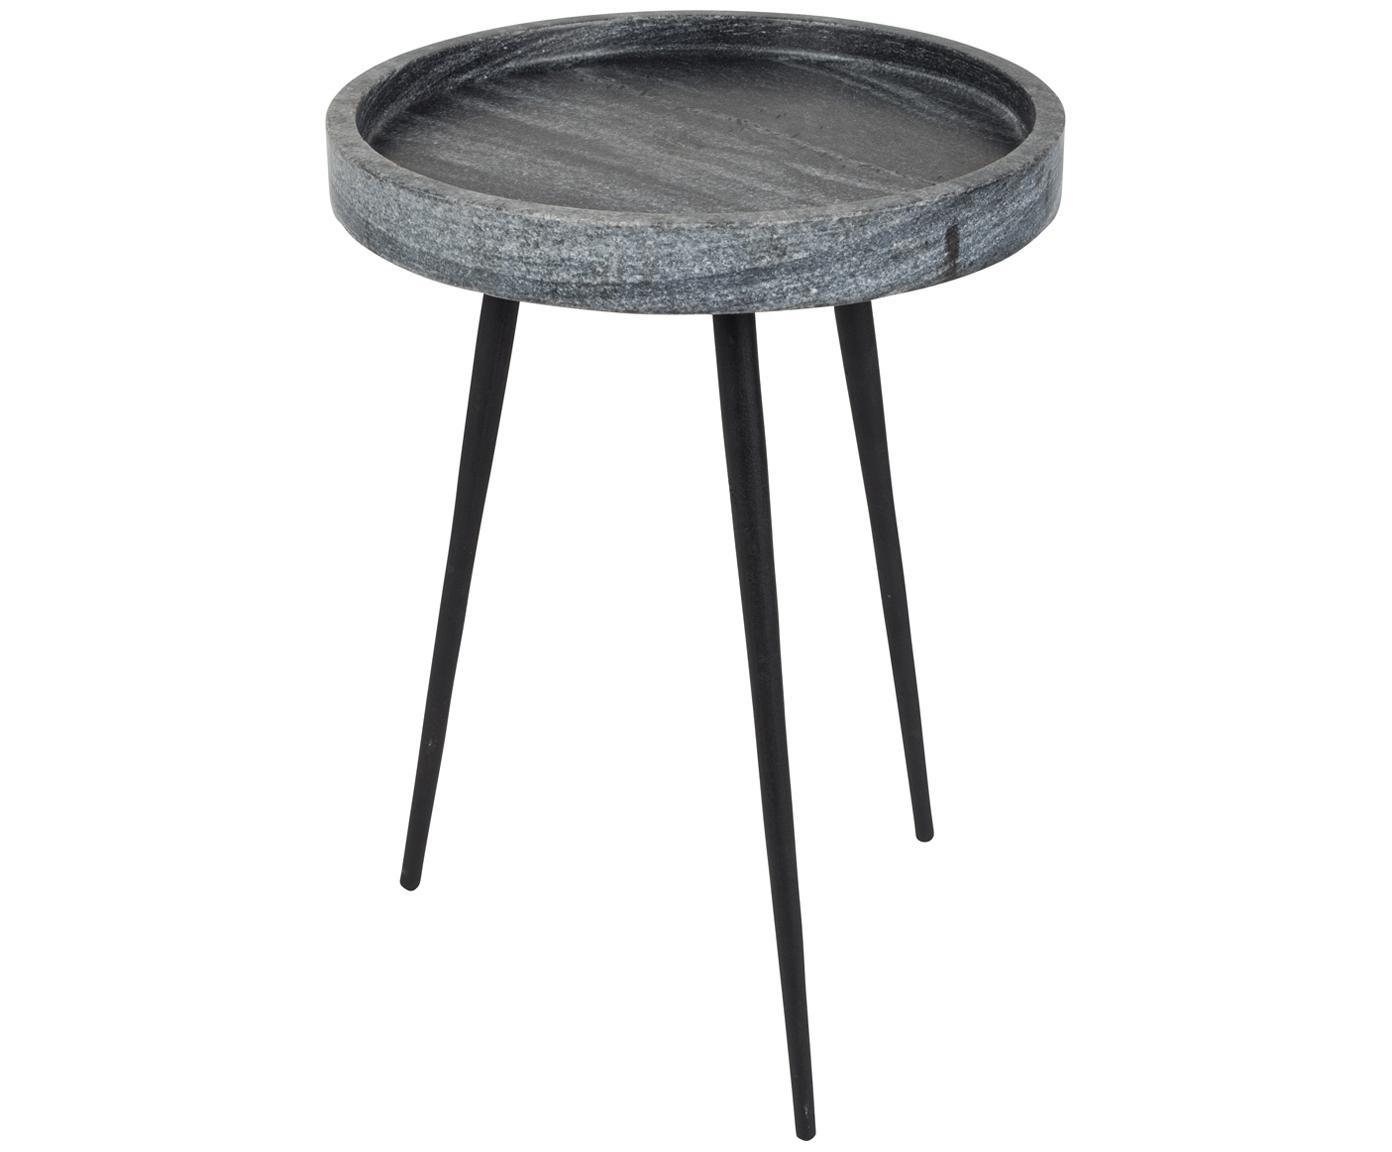 Tavolino rotondo in marmo Karrara, Piano del tavolo: marmo, Gambe: metallo verniciato a polv, Piano d'appoggio: grigio marmorizzato Gambe: nero, Ø 33 x Alt. 45 cm